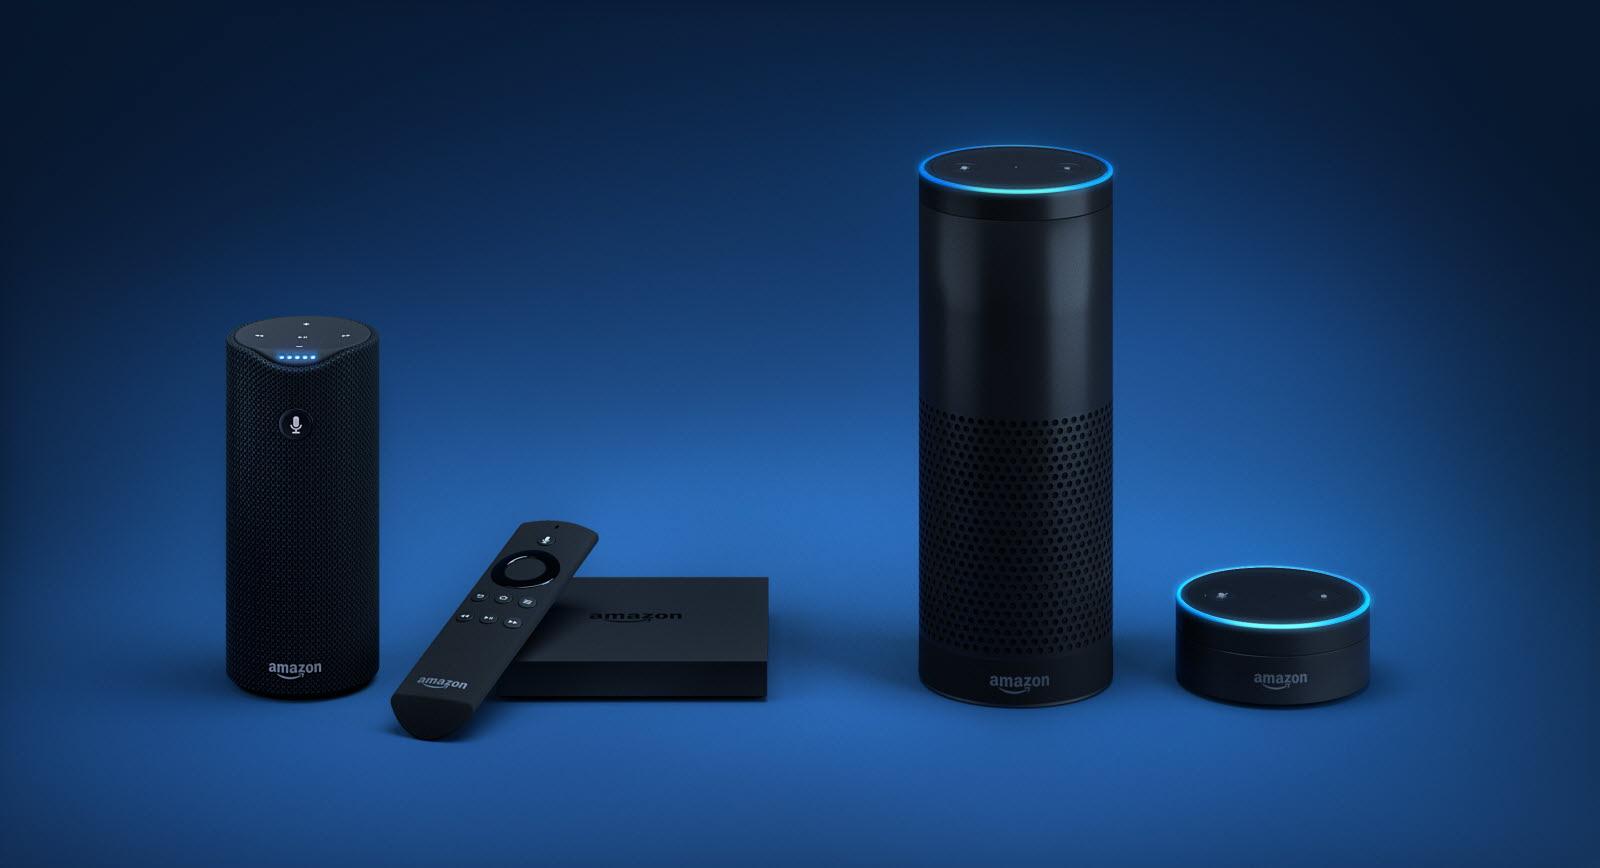 High Tech Bientot Un Micro Ondes Connecte Signe Amazon